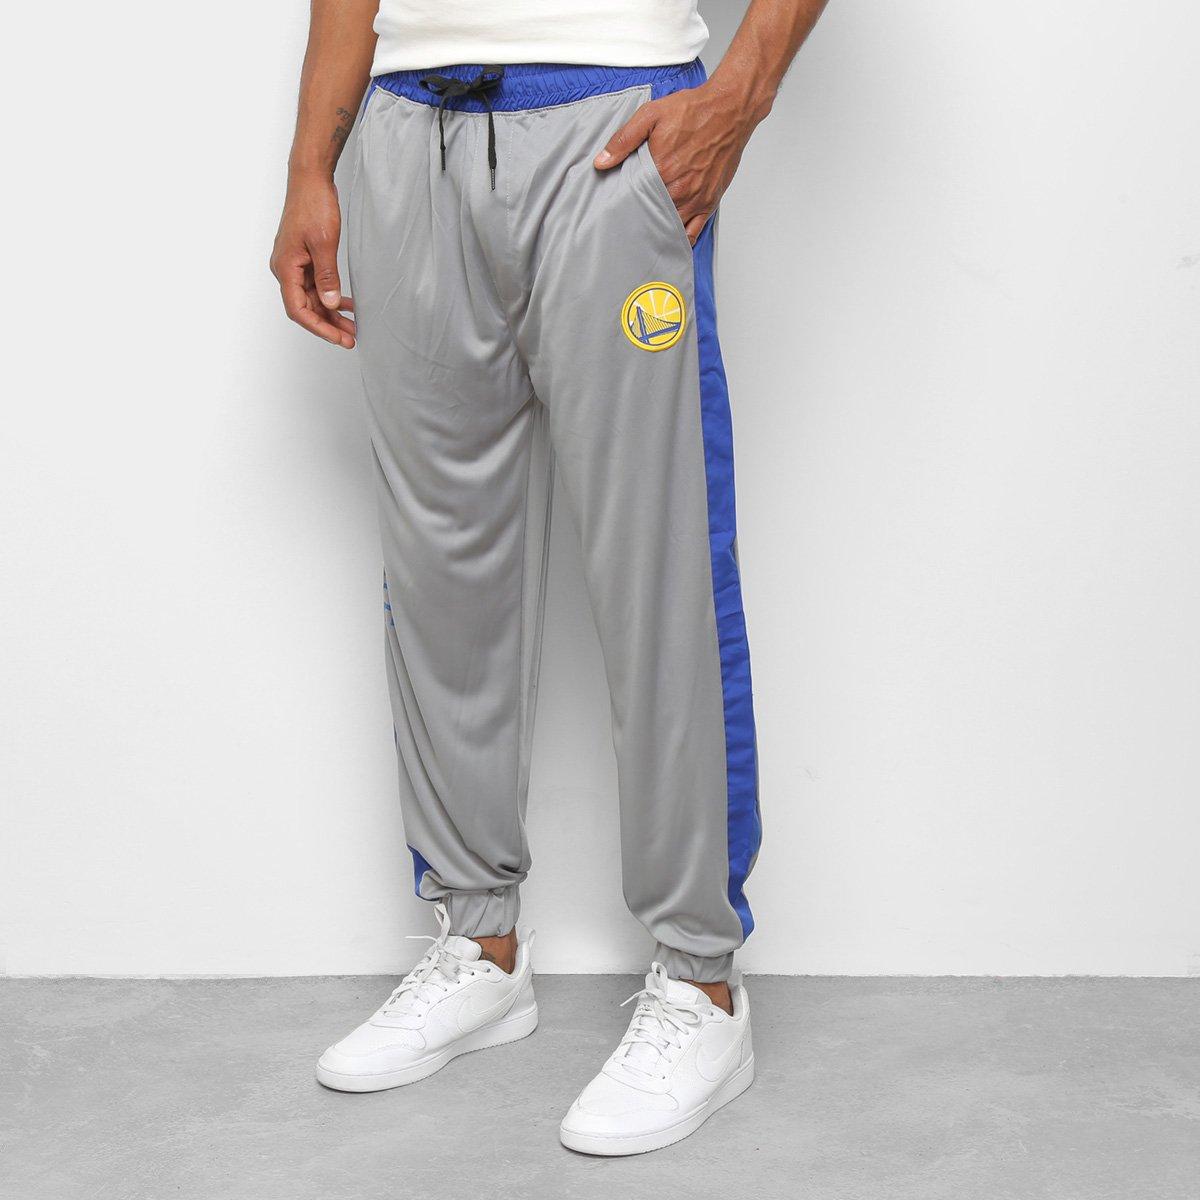 Calça NBA Golden State Warriors Masculina